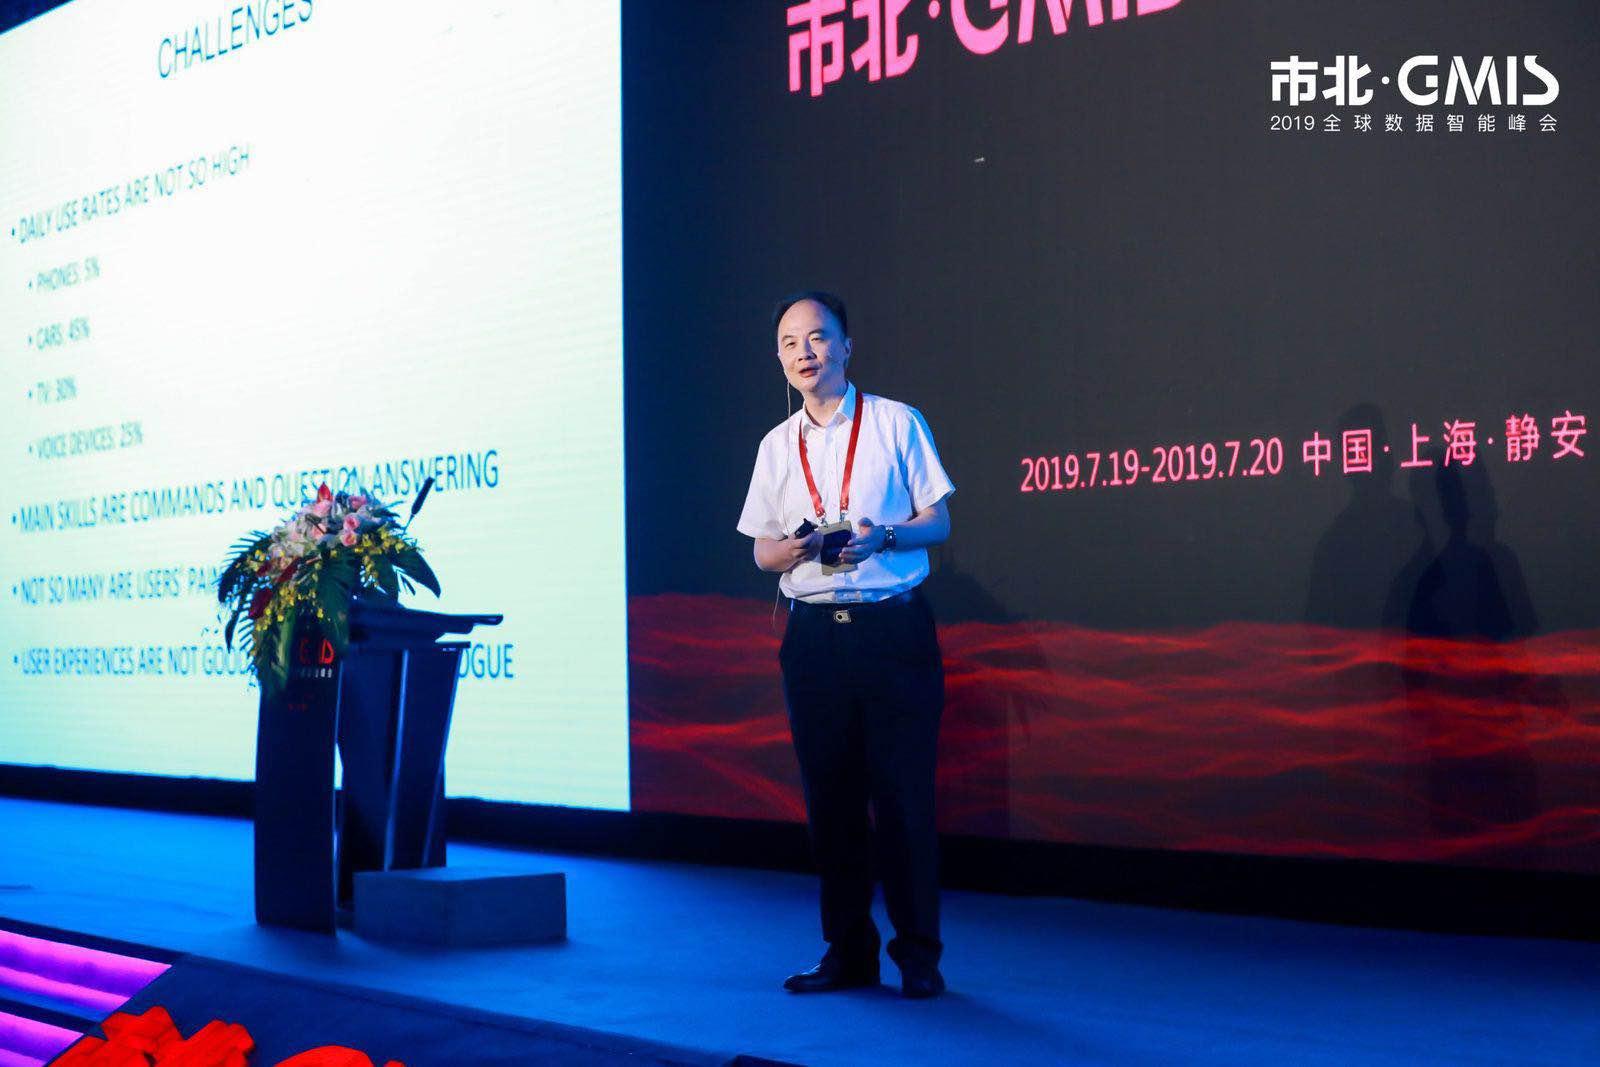 字節跳動AI實驗室負責人李航:設計對話系統的四條原則